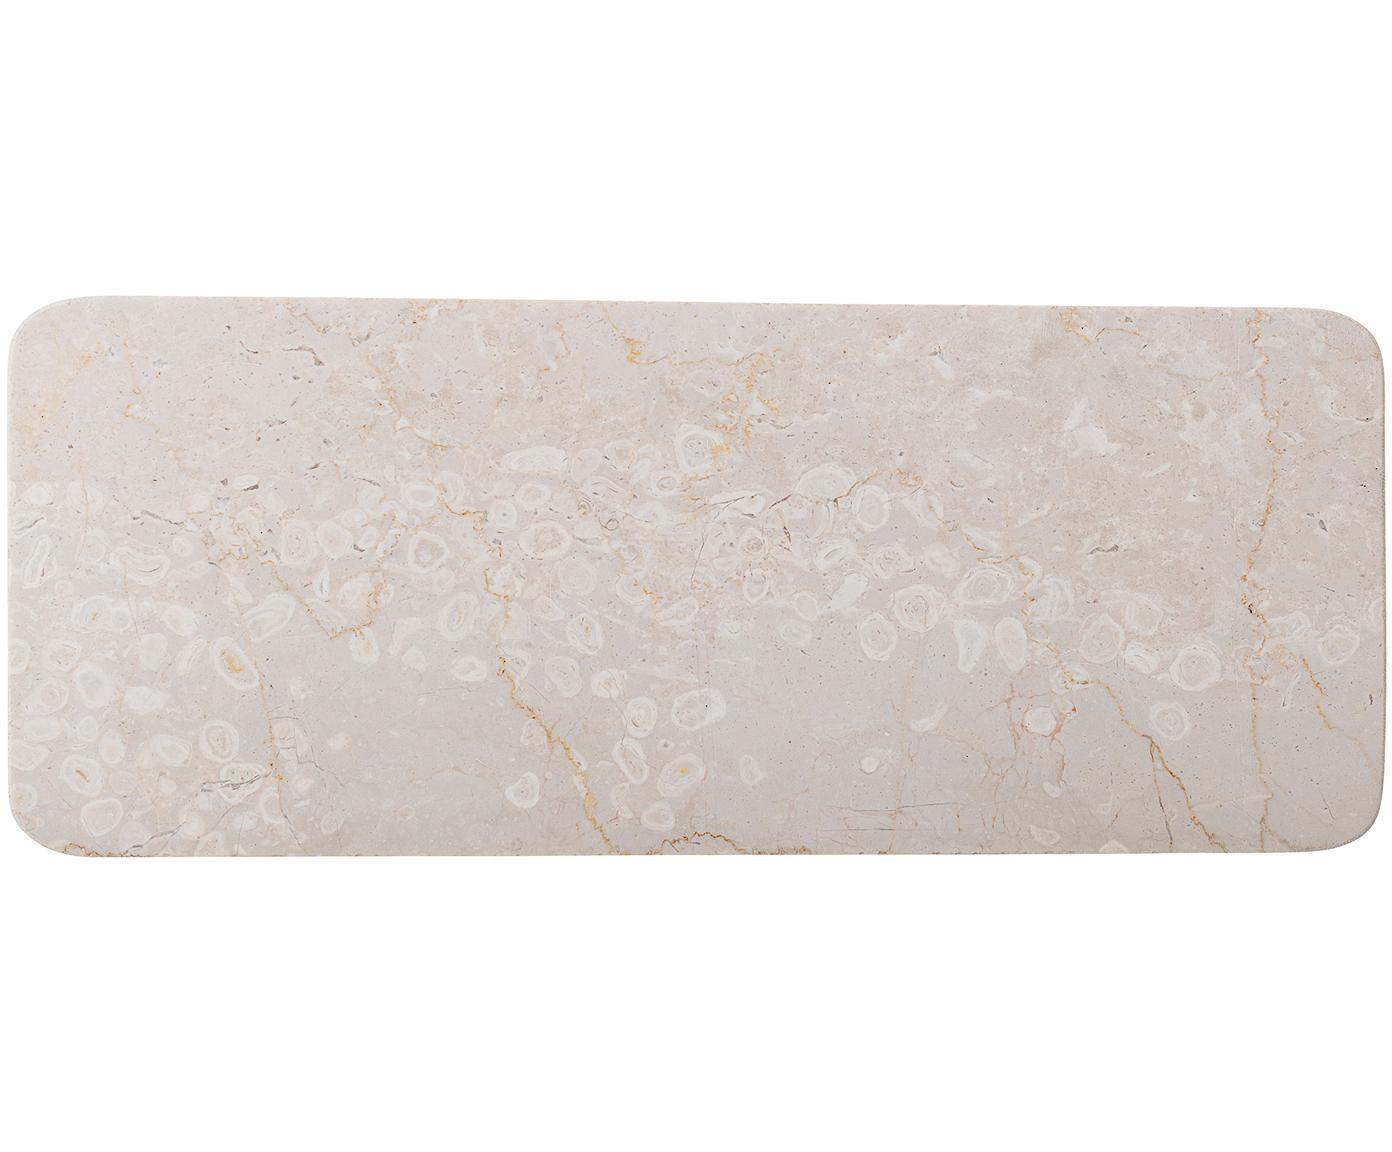 Marmor Servierplatte Maya, Marmor, Beige, L 38 x H 3 cm